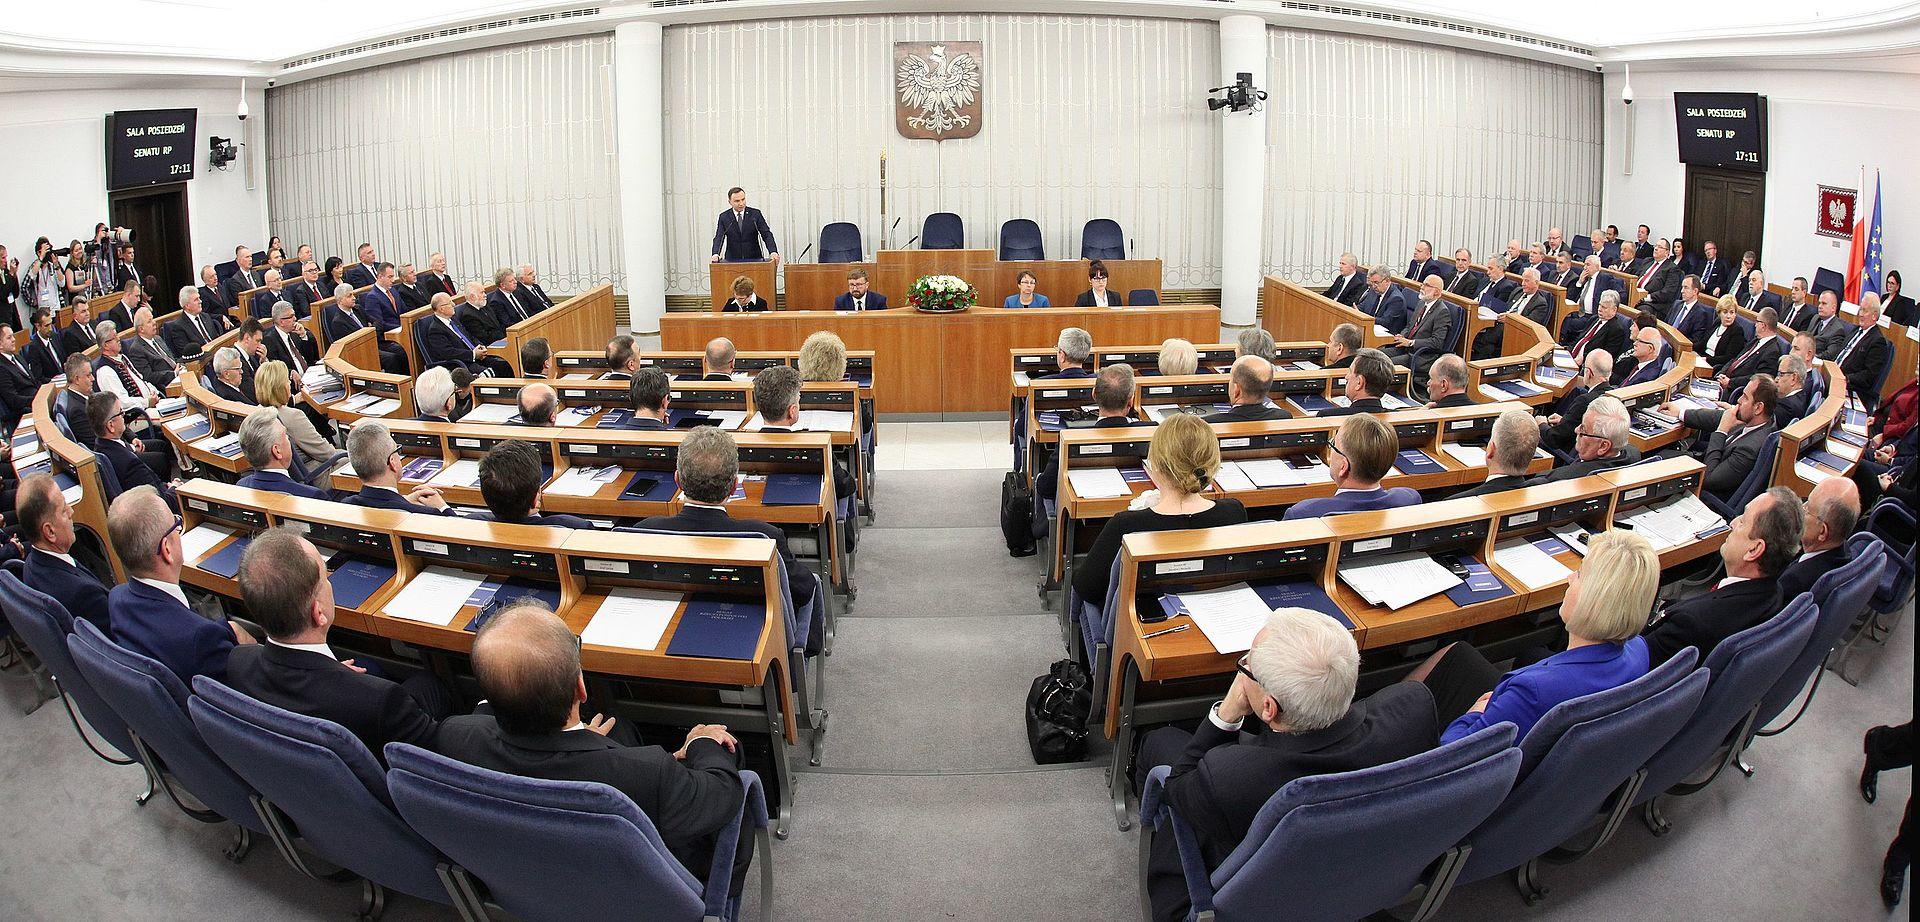 Ustawa o głosowaniu kopertowym odrzucona przez Senat RP